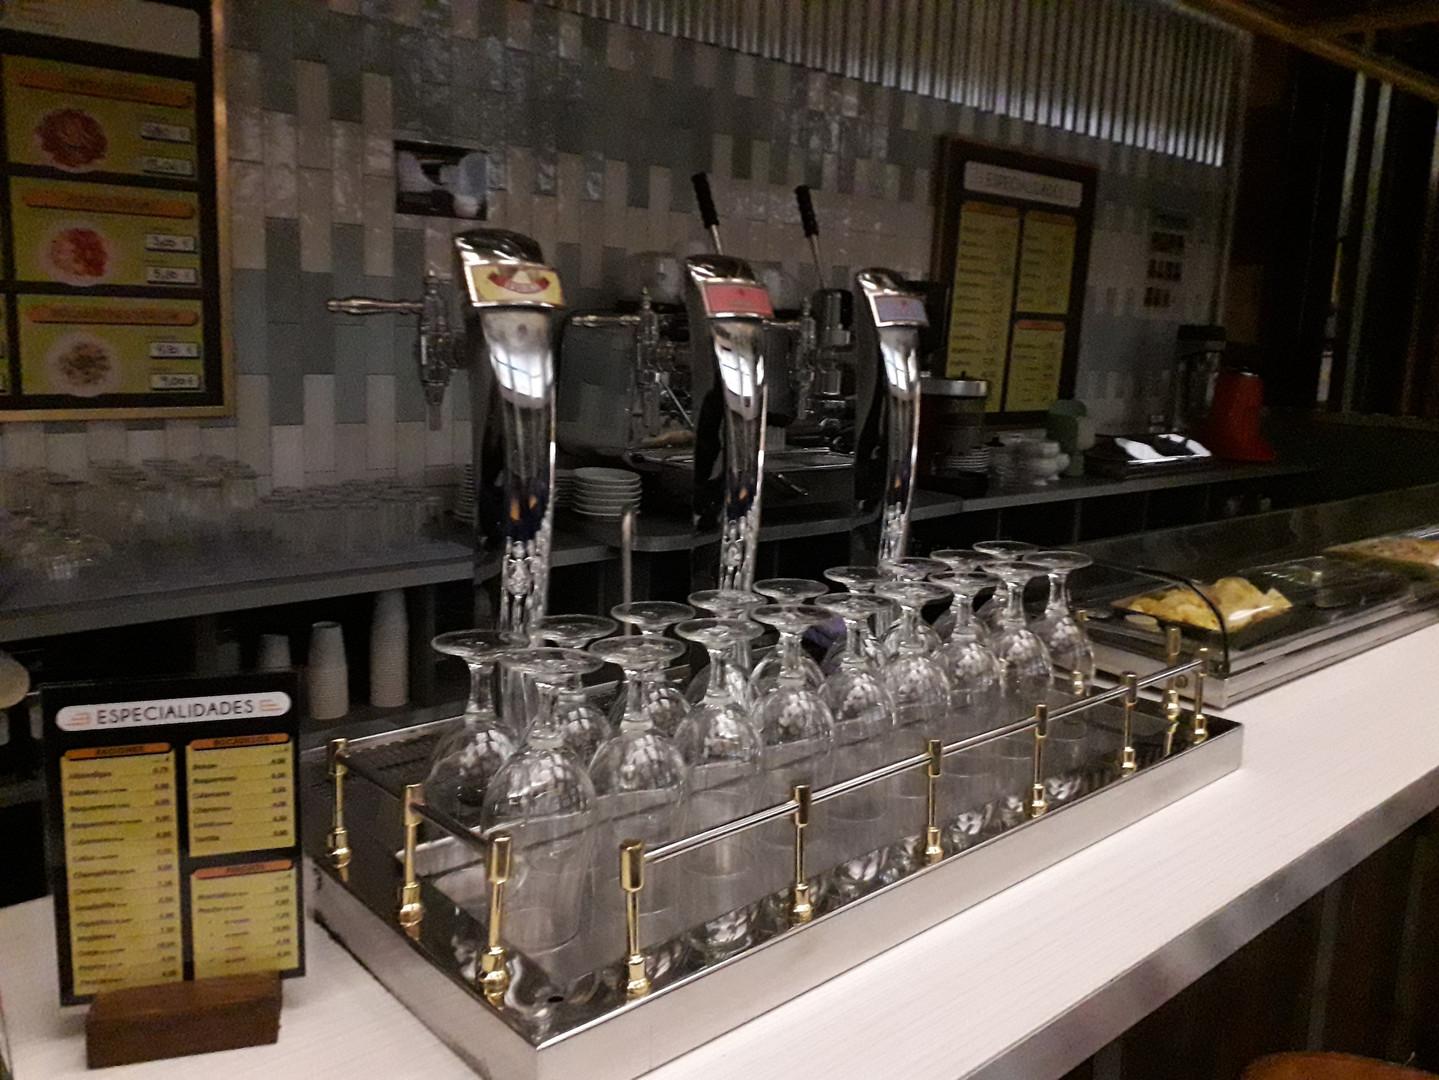 Instalación grifos cerveza - El Revuelo